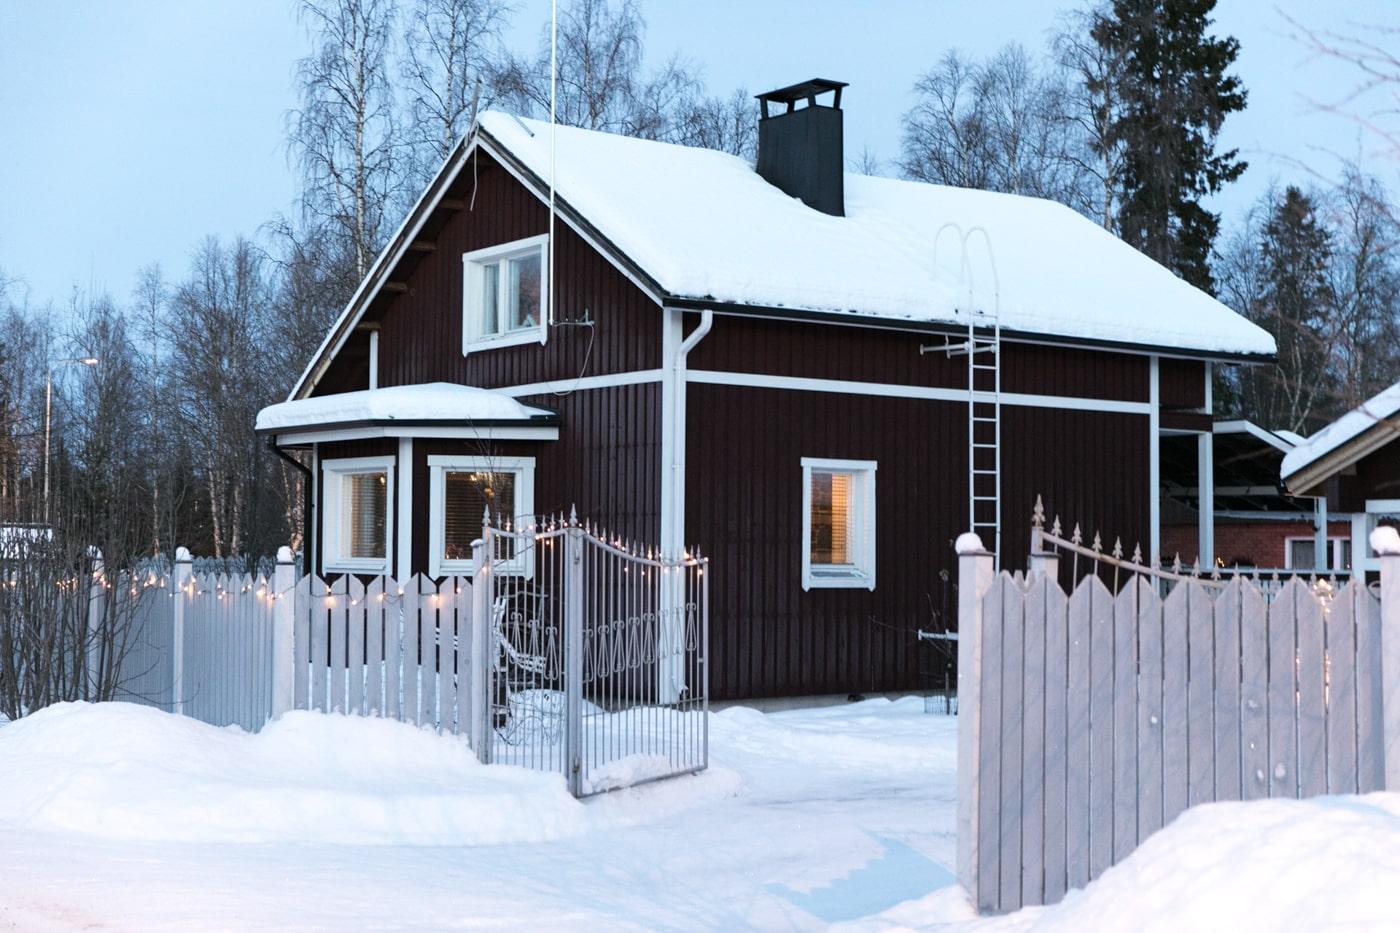 ID5A5535 2 - Récap de notre voyage en Laponie Finlandaise